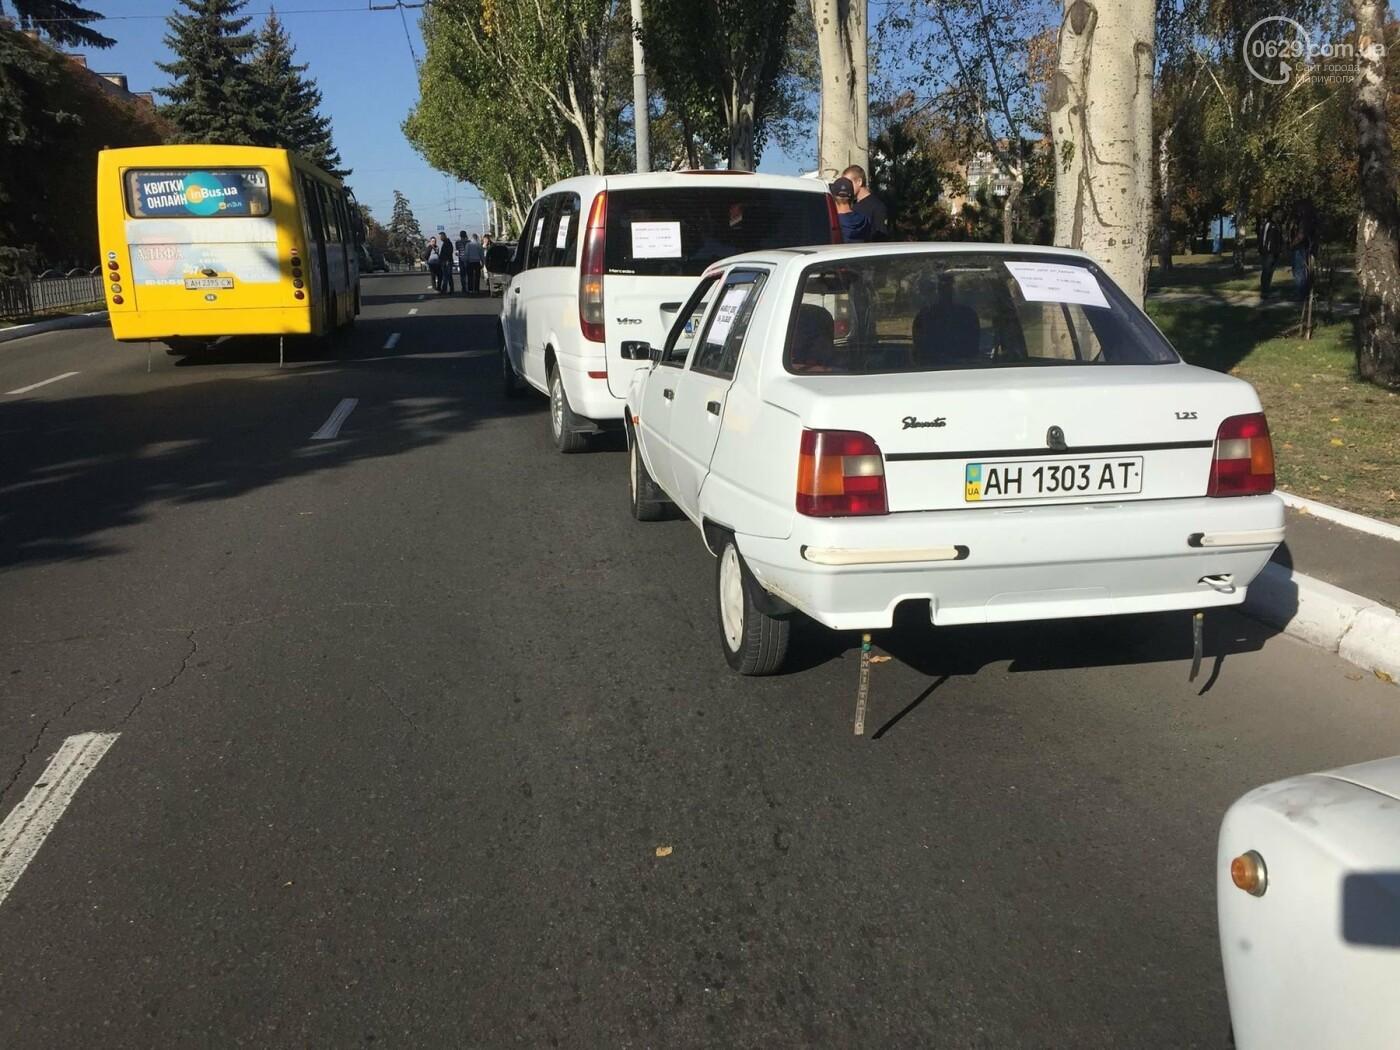 Автомобилисты в центре Мариуполя сигналили против высоких цен на топливо, - ФОТО, ВИДЕО, фото-4